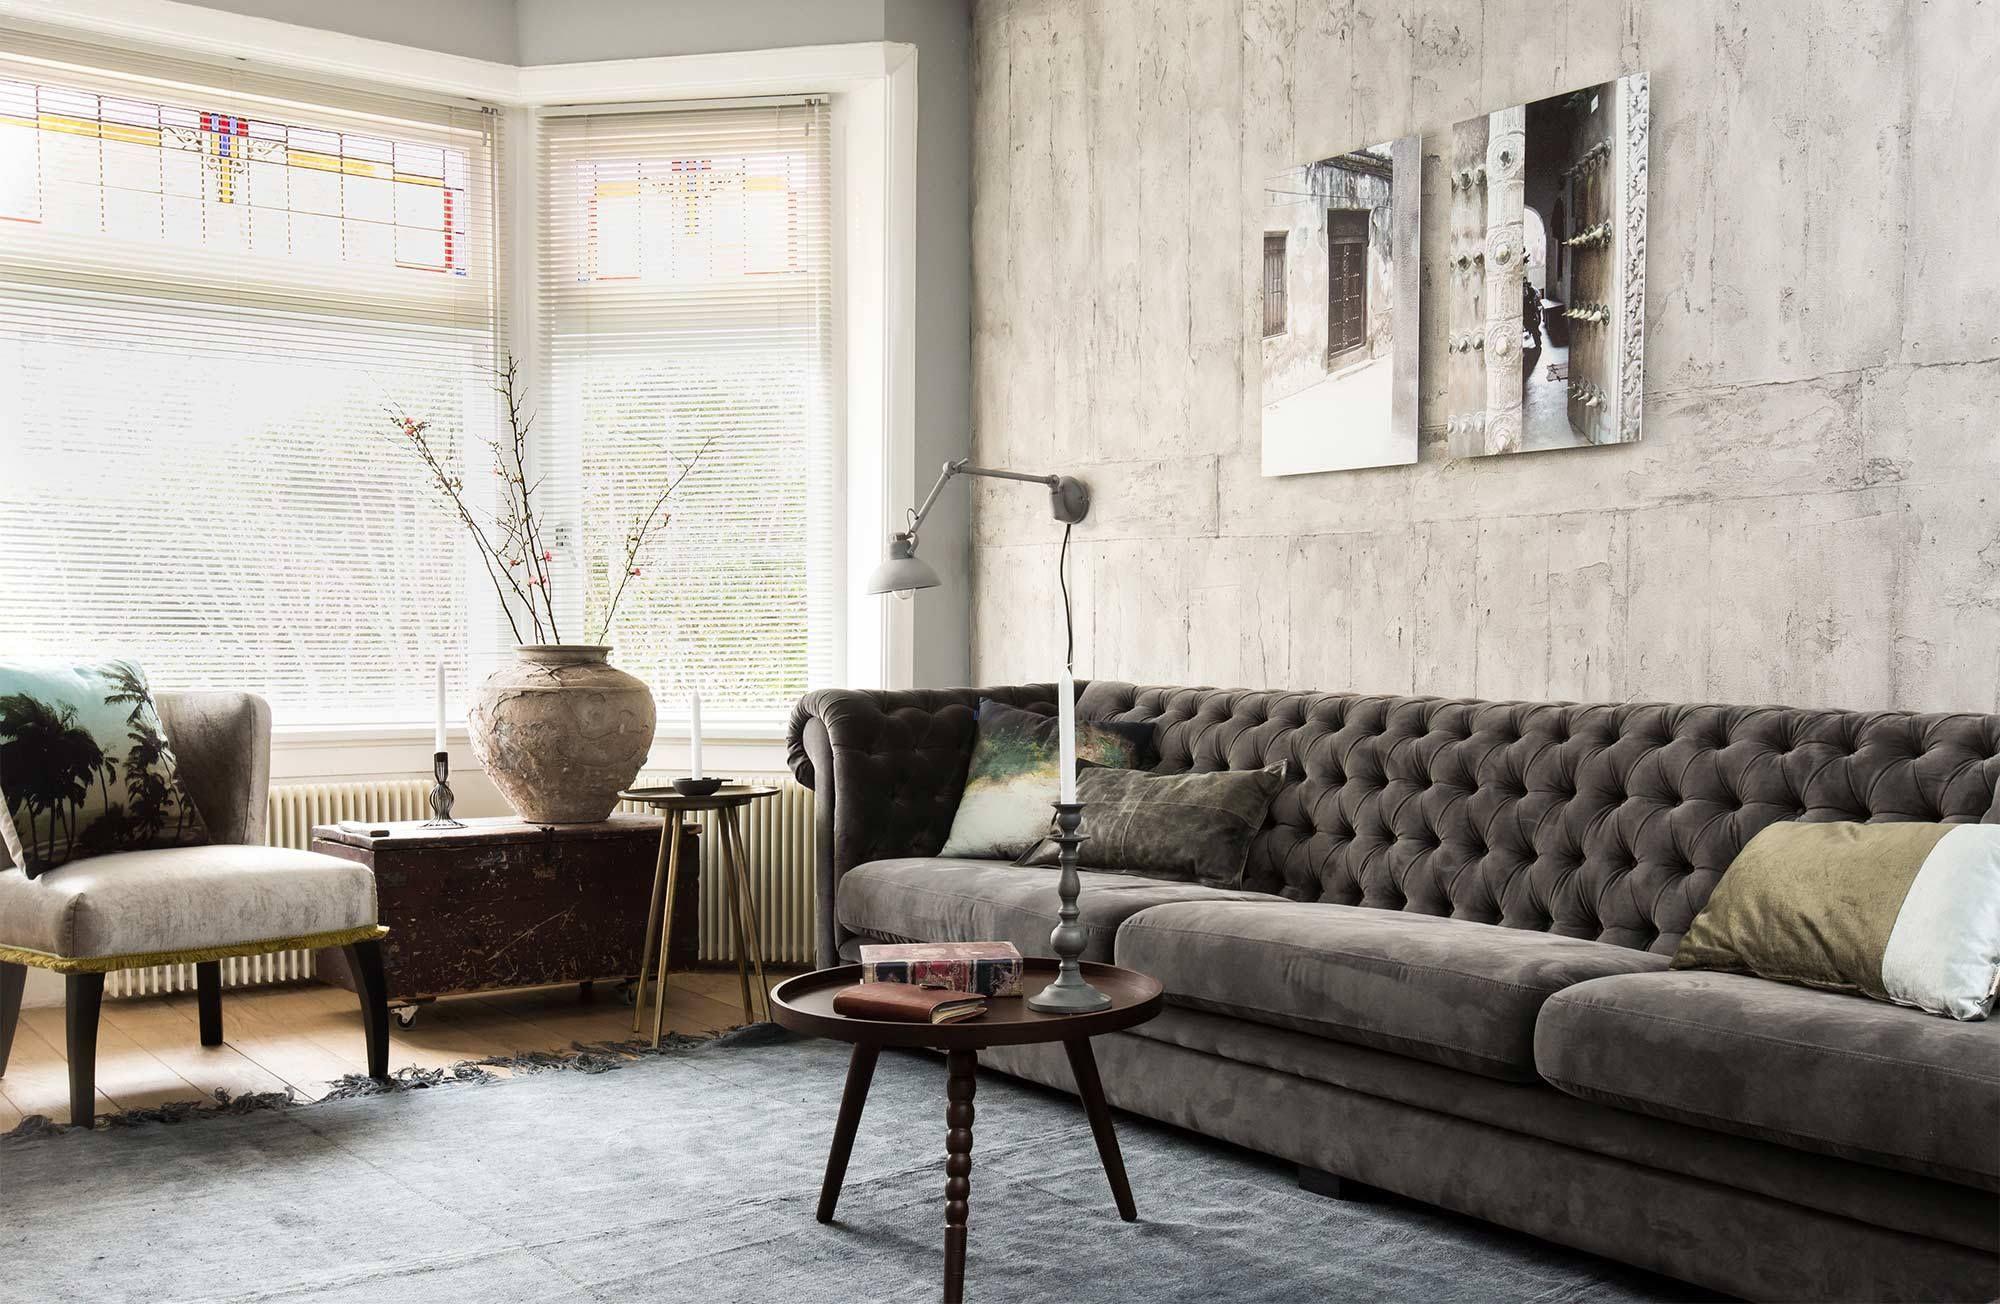 Diy concrete wall by vt wonen. betonstuc grof aanbrengen en grijs